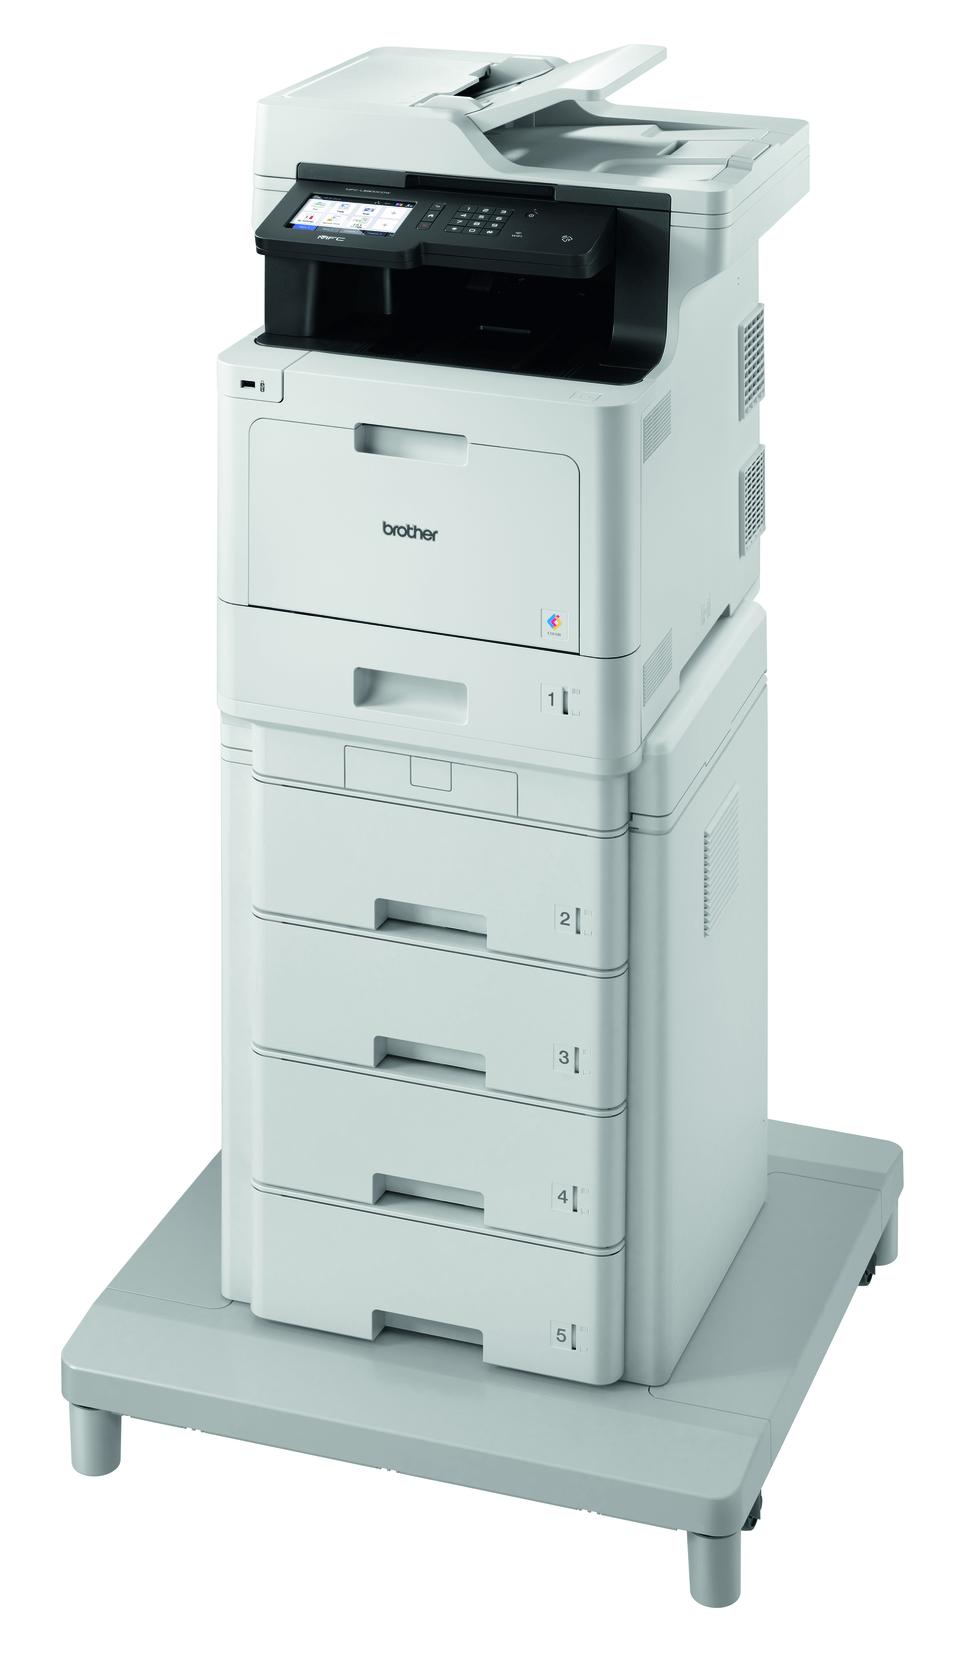 Brother MFC-L8900CDWMT spausdintuvas su bokštiniu dėklu  2